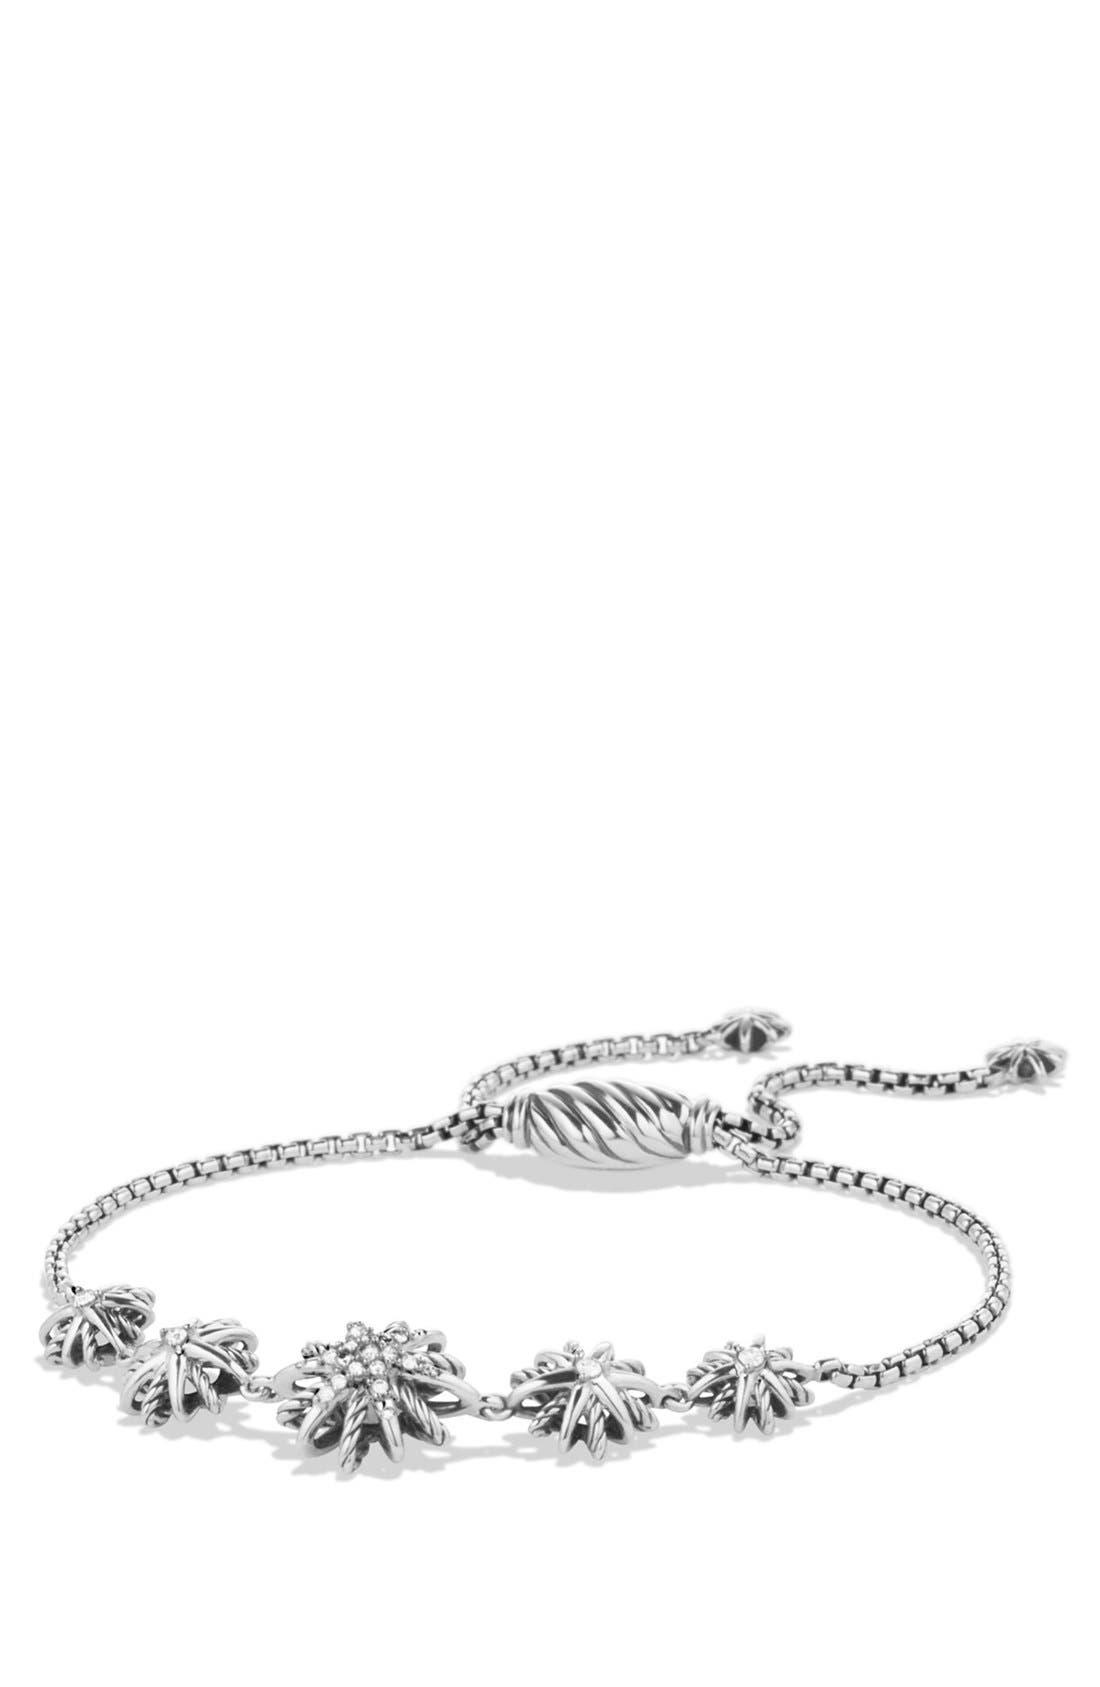 david yurman fivestation bracelet with diamonds